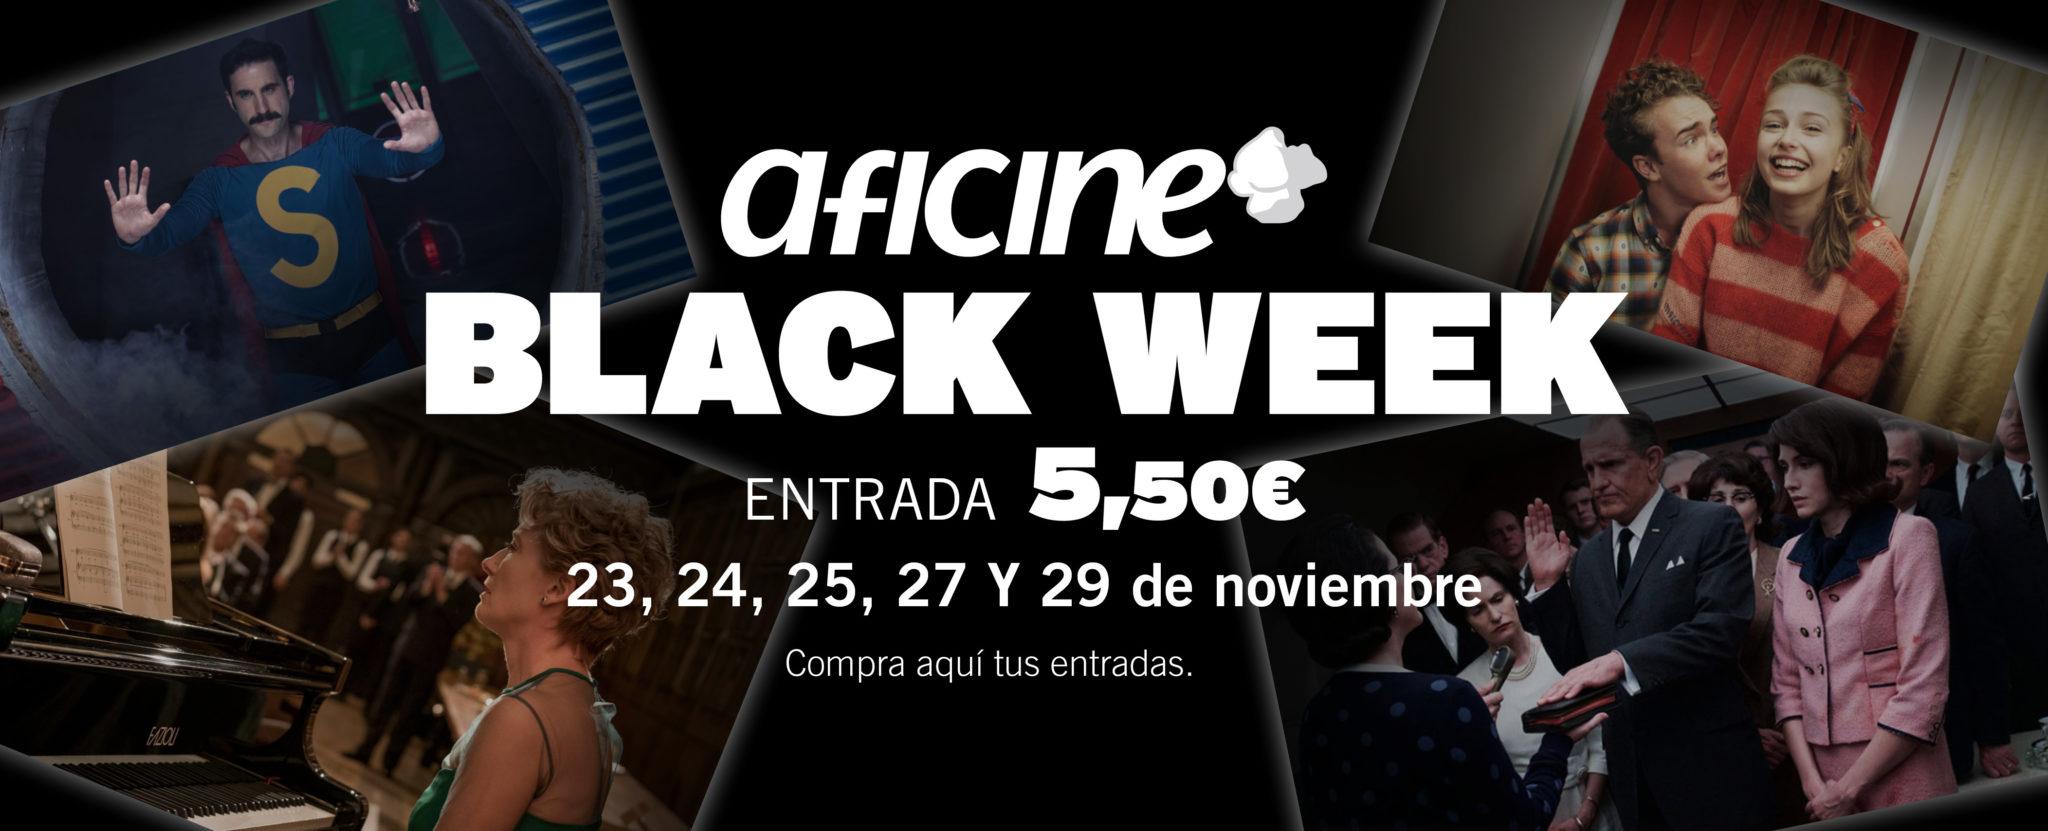 ¡Vuelve el BLACK WEEK!